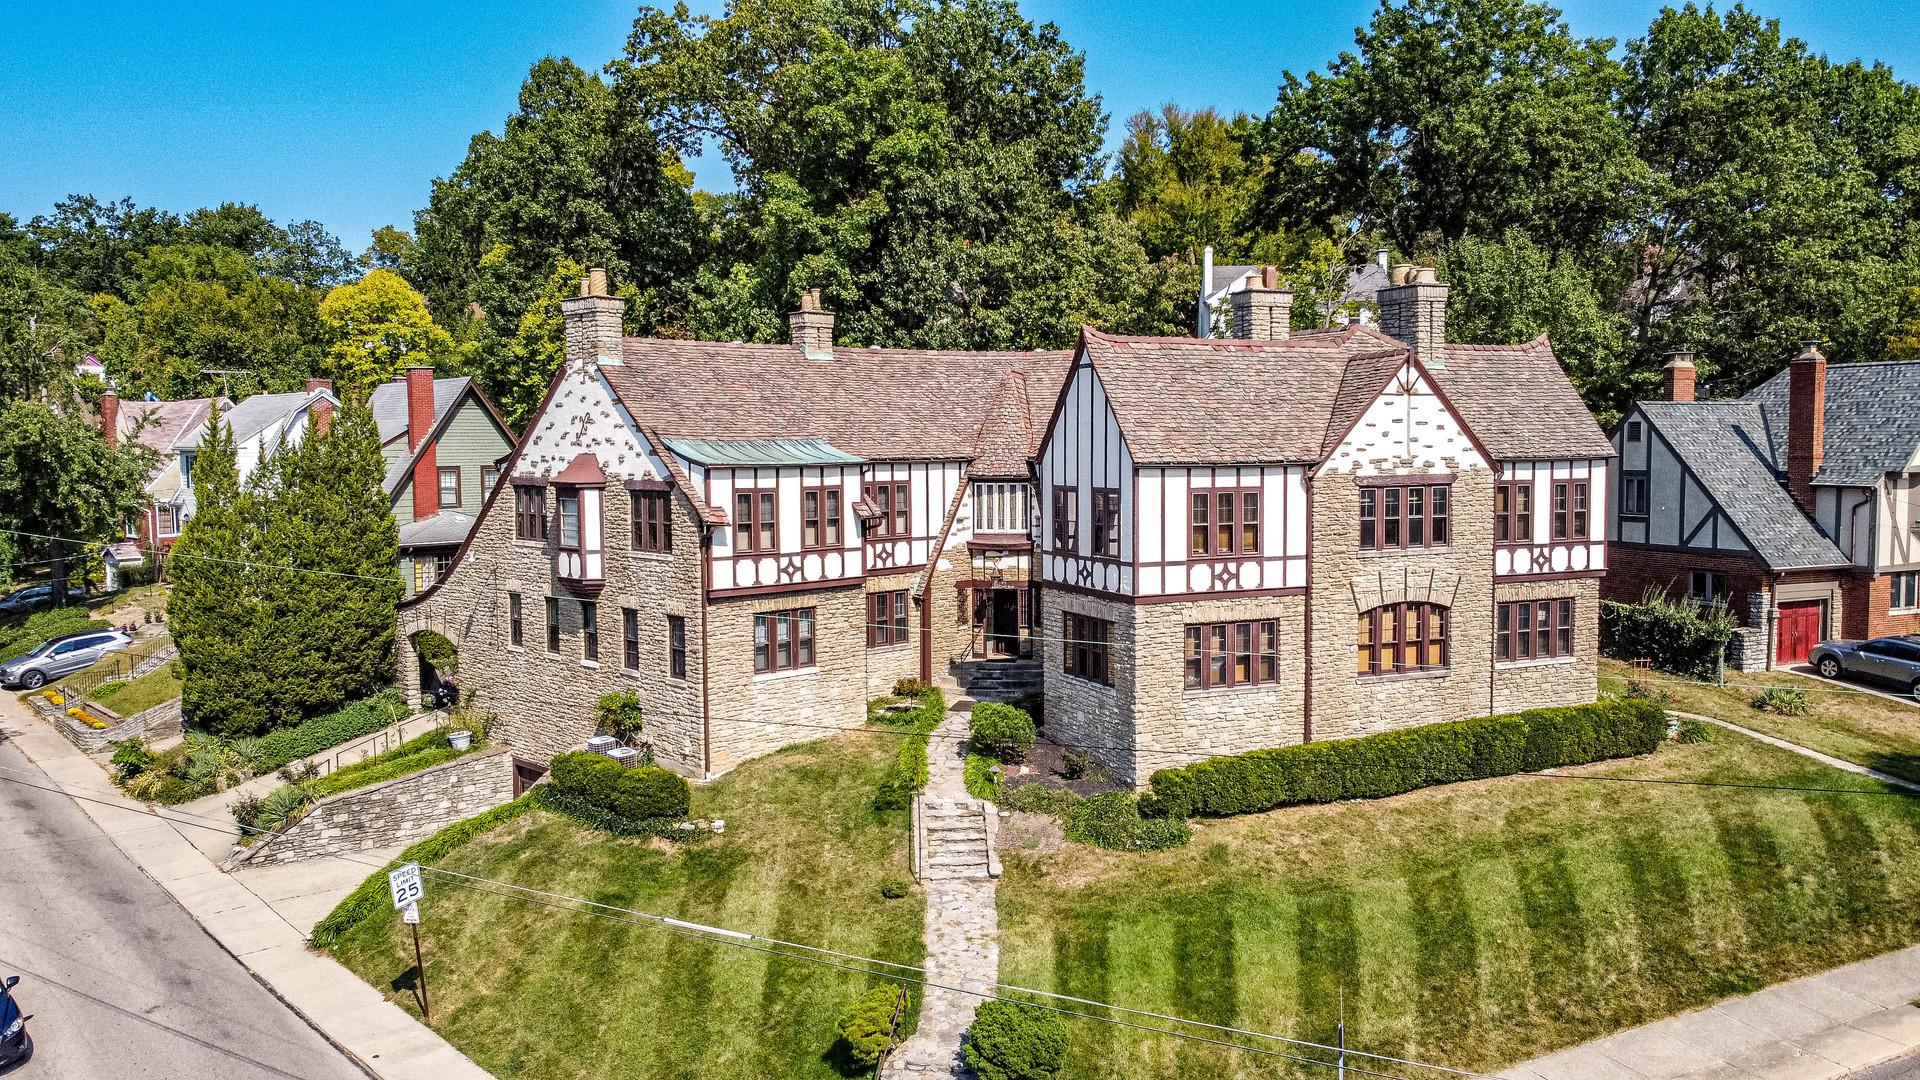 Drone Photo - Cincinnati, OH